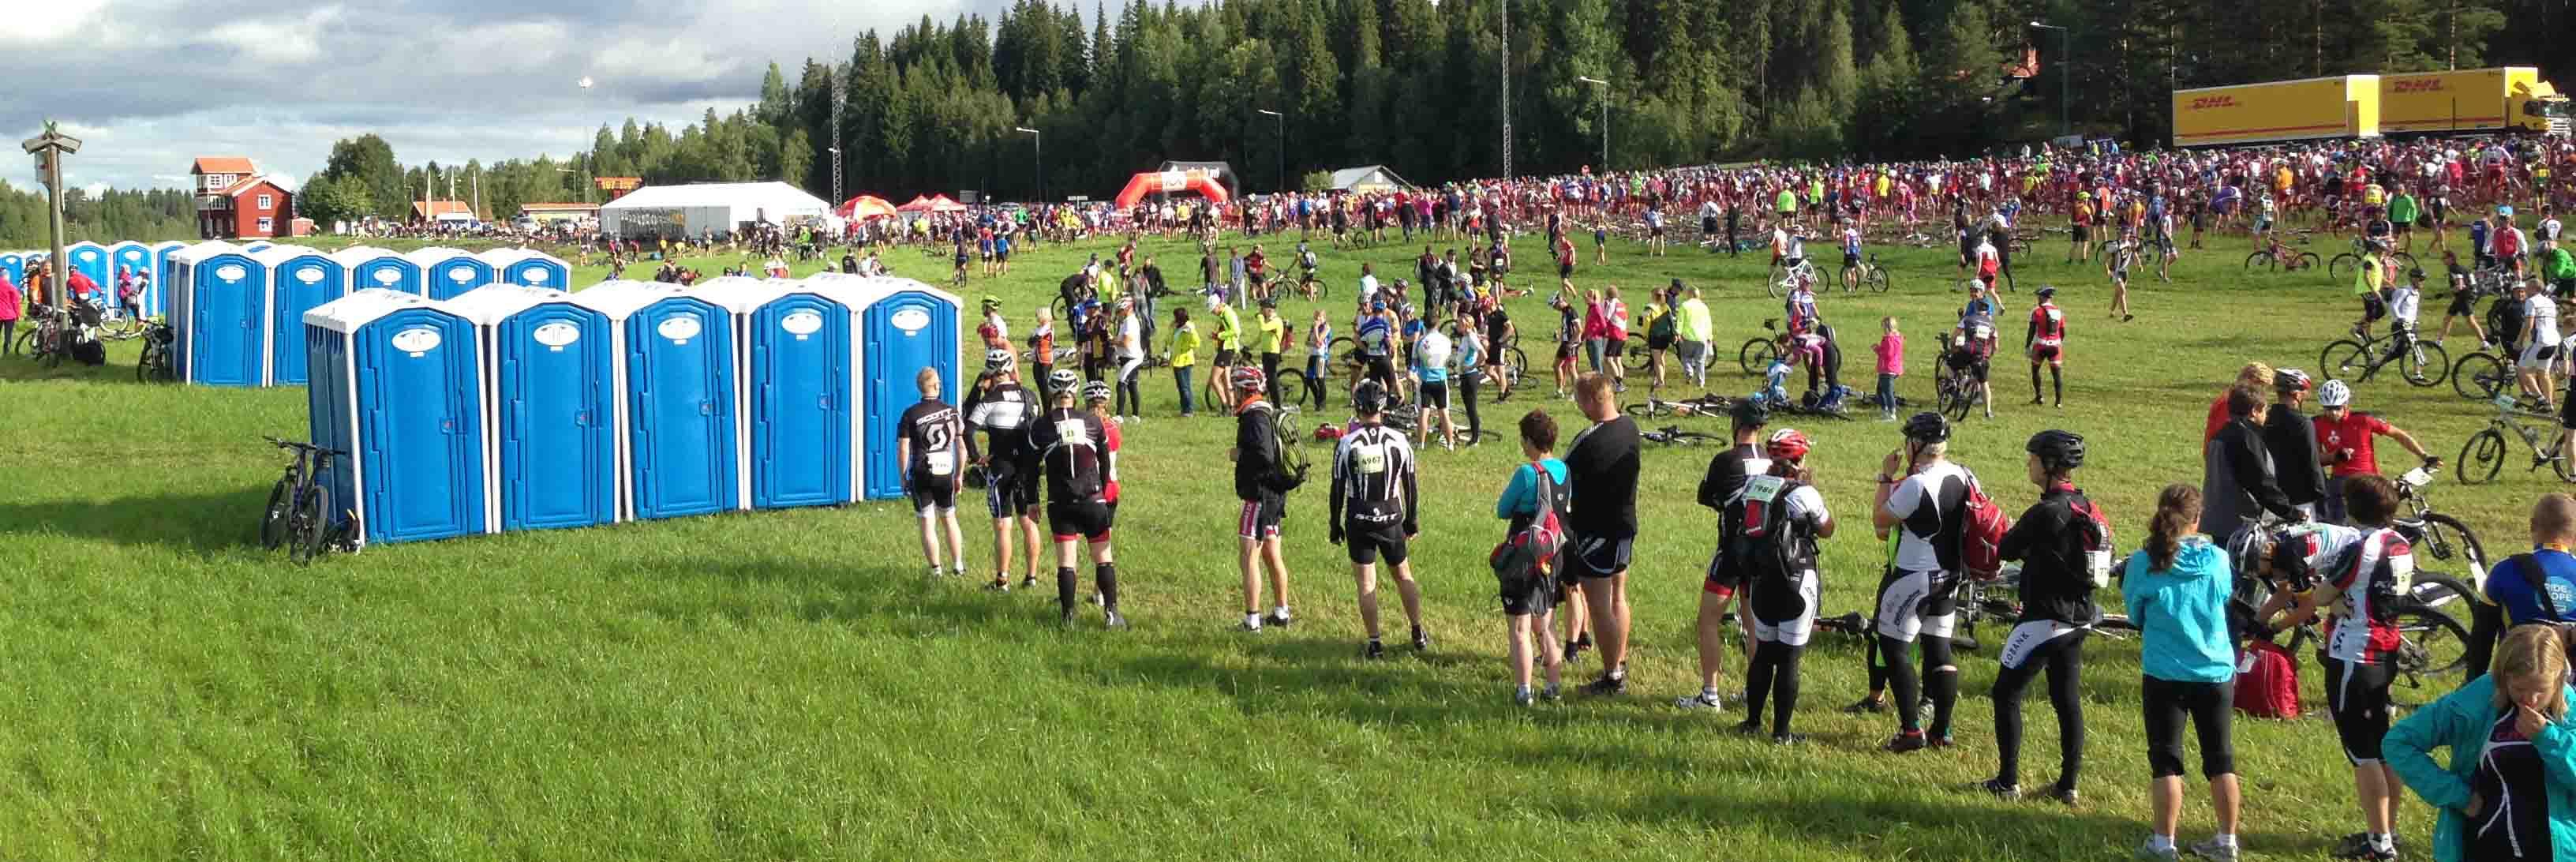 Cykelvasan i starten vid Sälen -SeBra Event AB